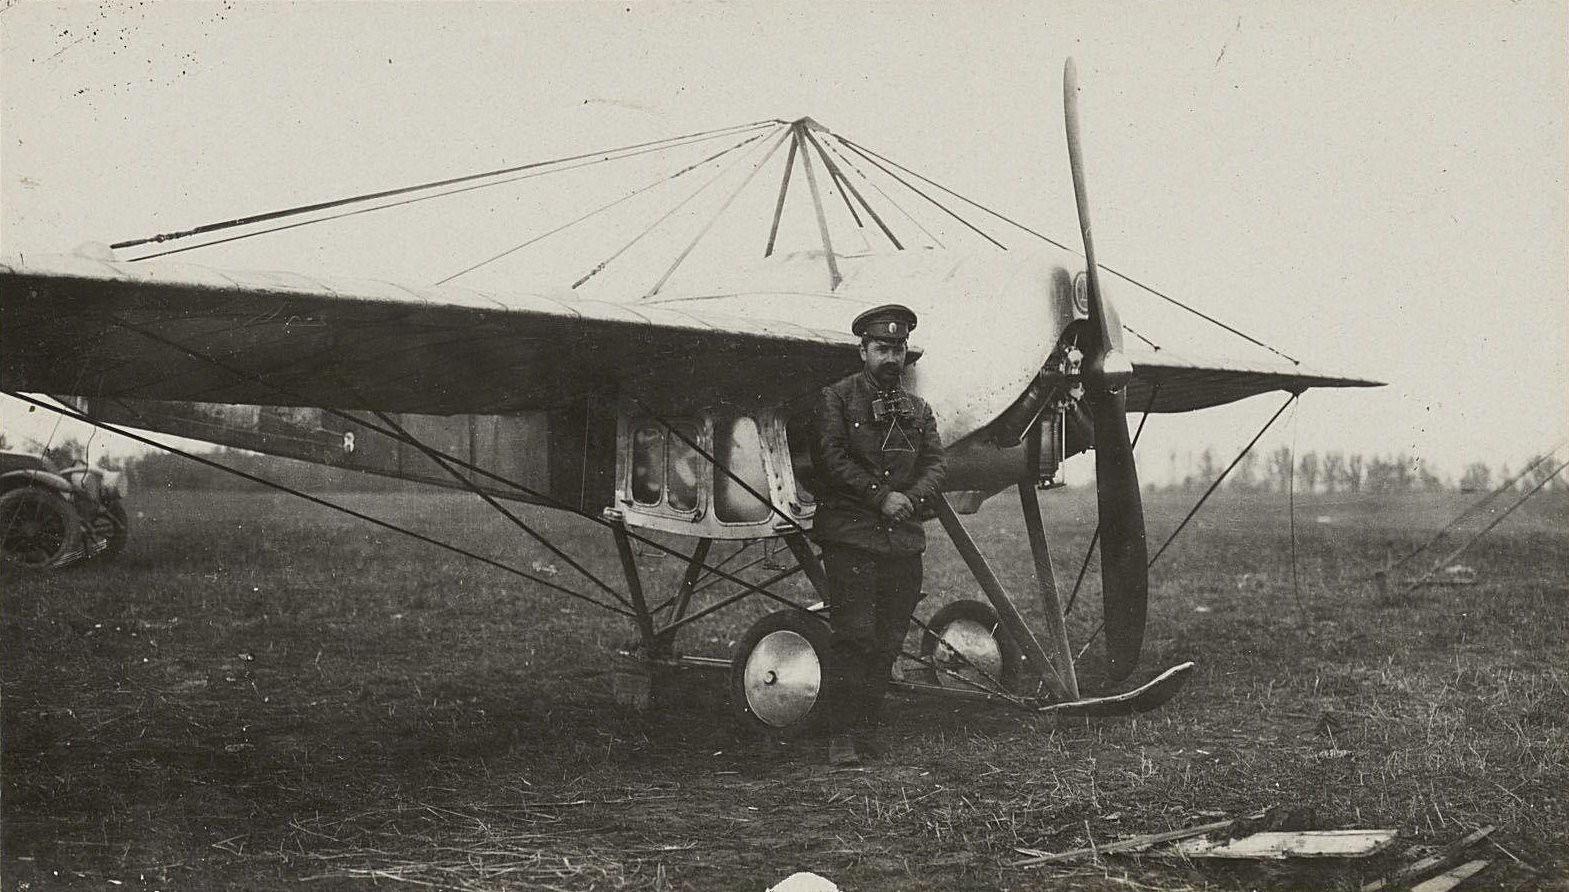 54. Авиационный отряд штаба IV Армии. Лейтенант Дыбовский у своего аппарата перед полётом.